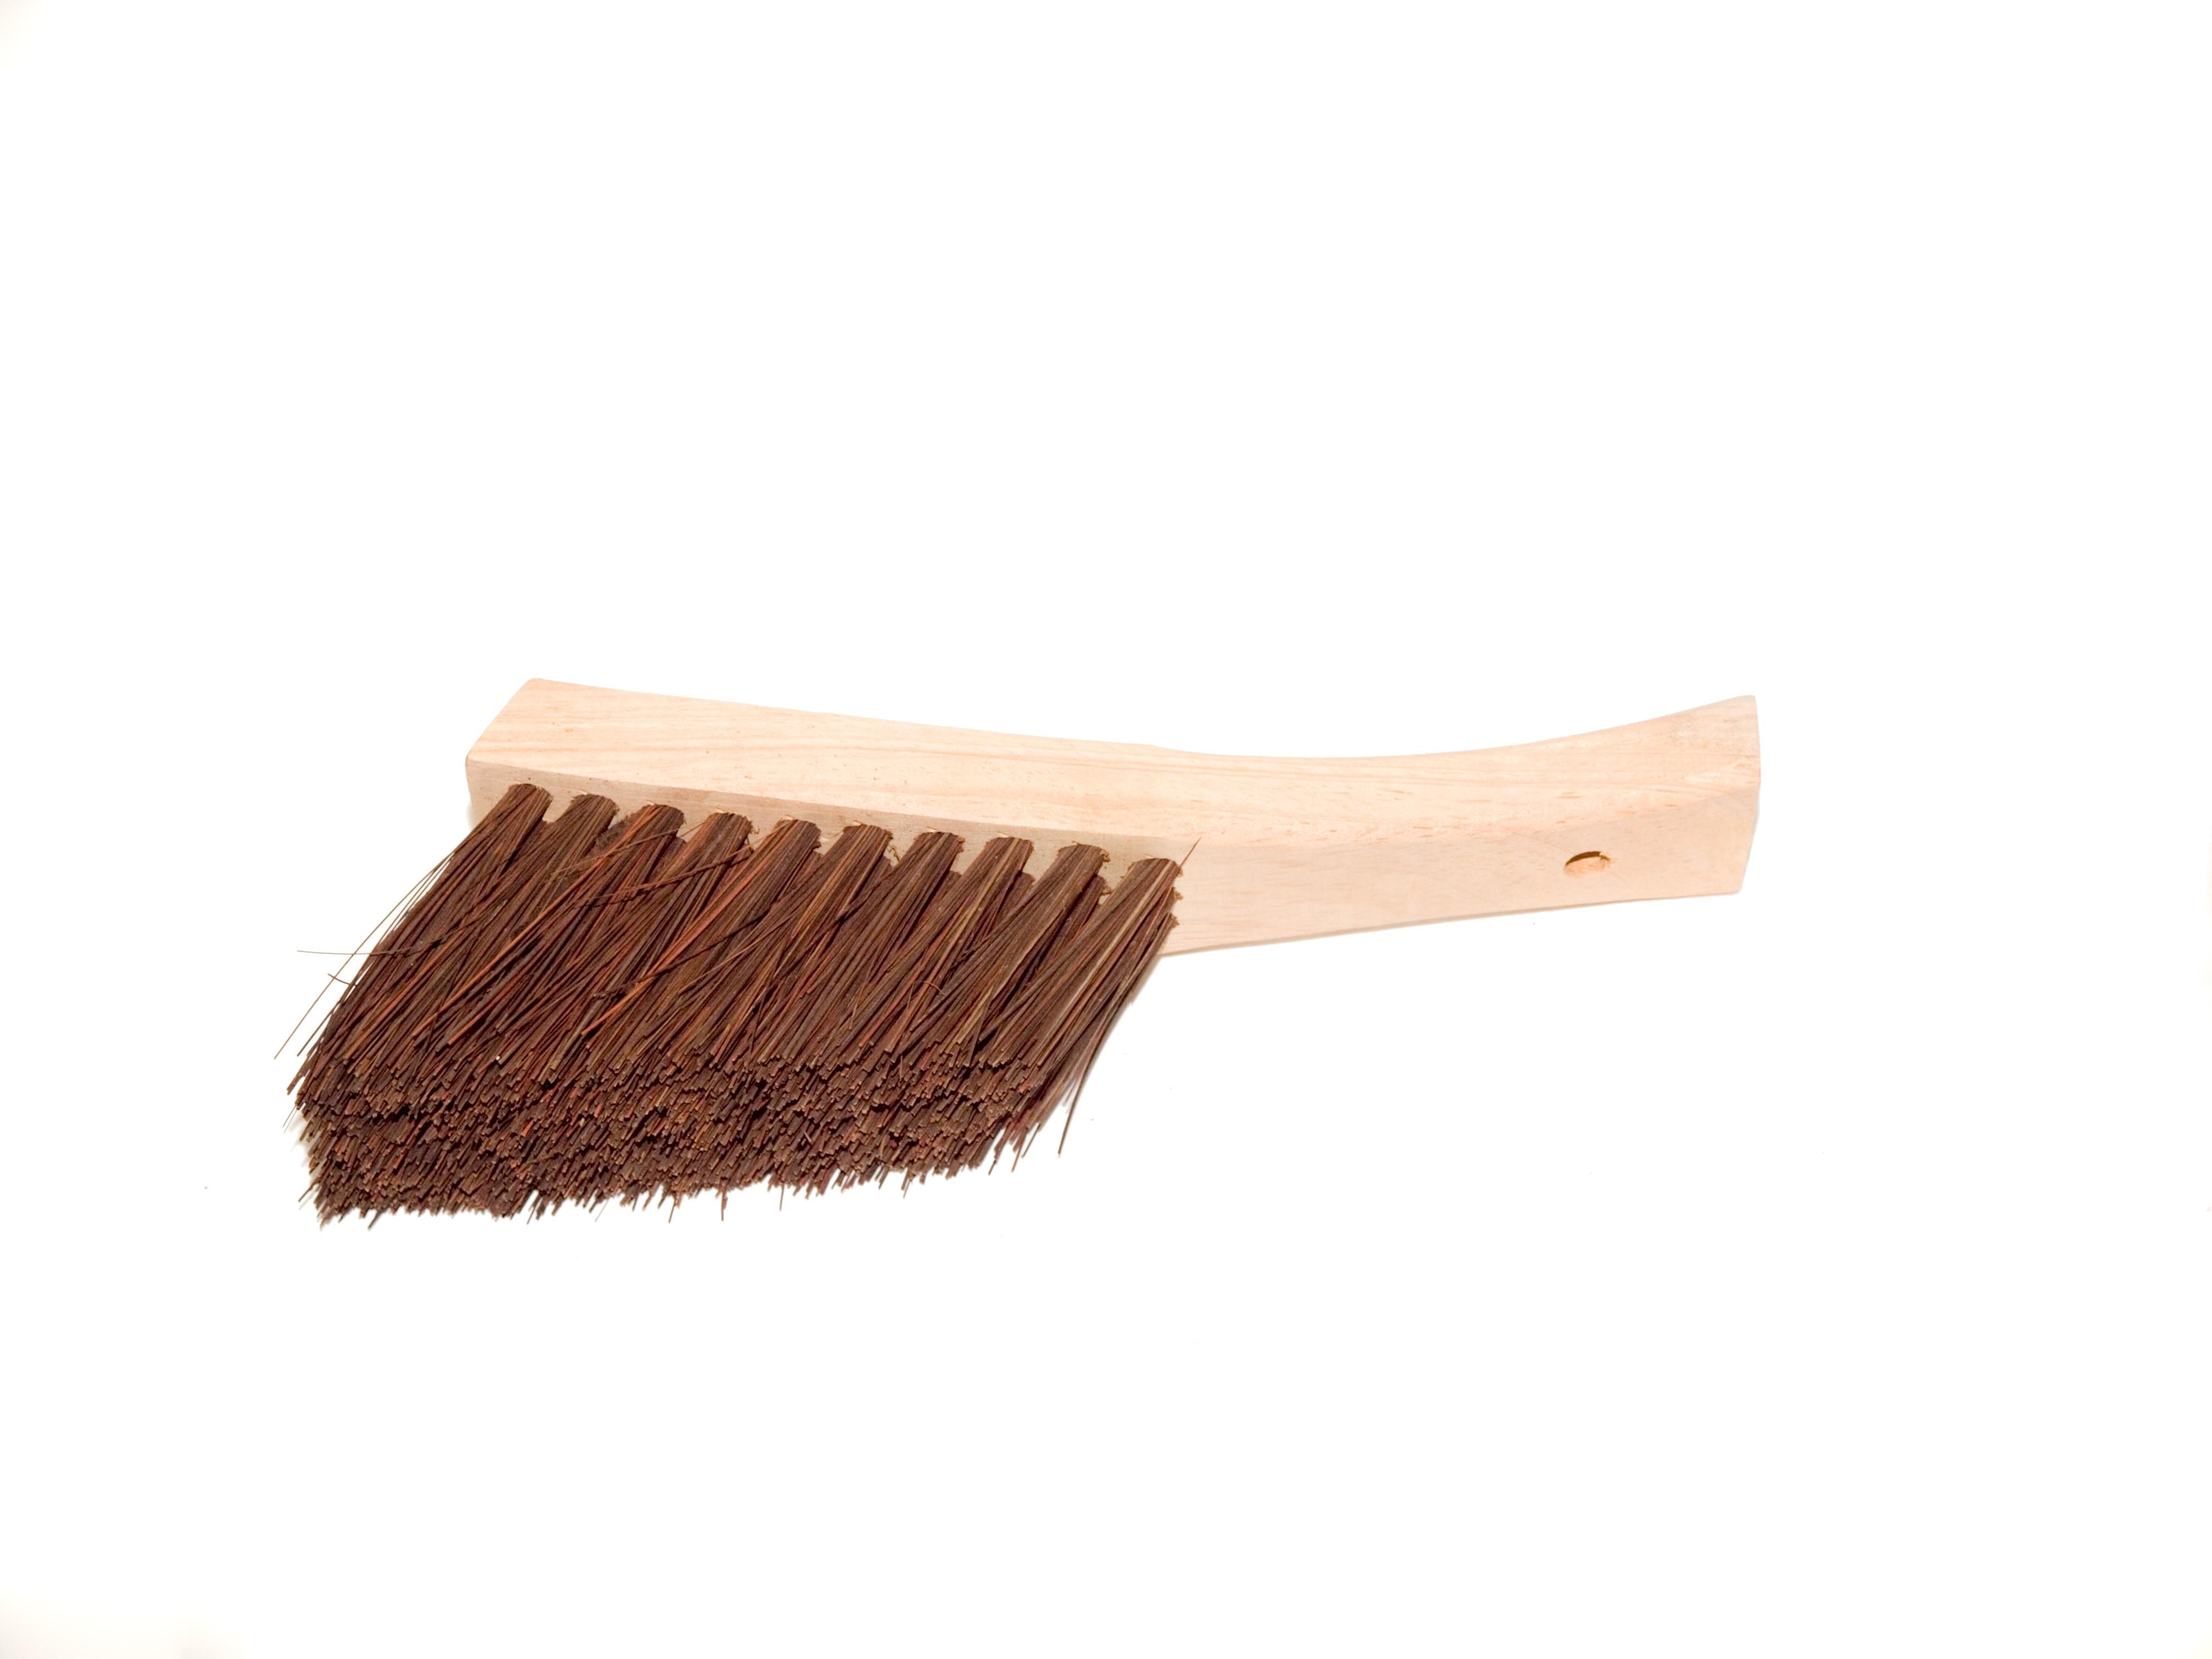 Churn Brush - Short Handle